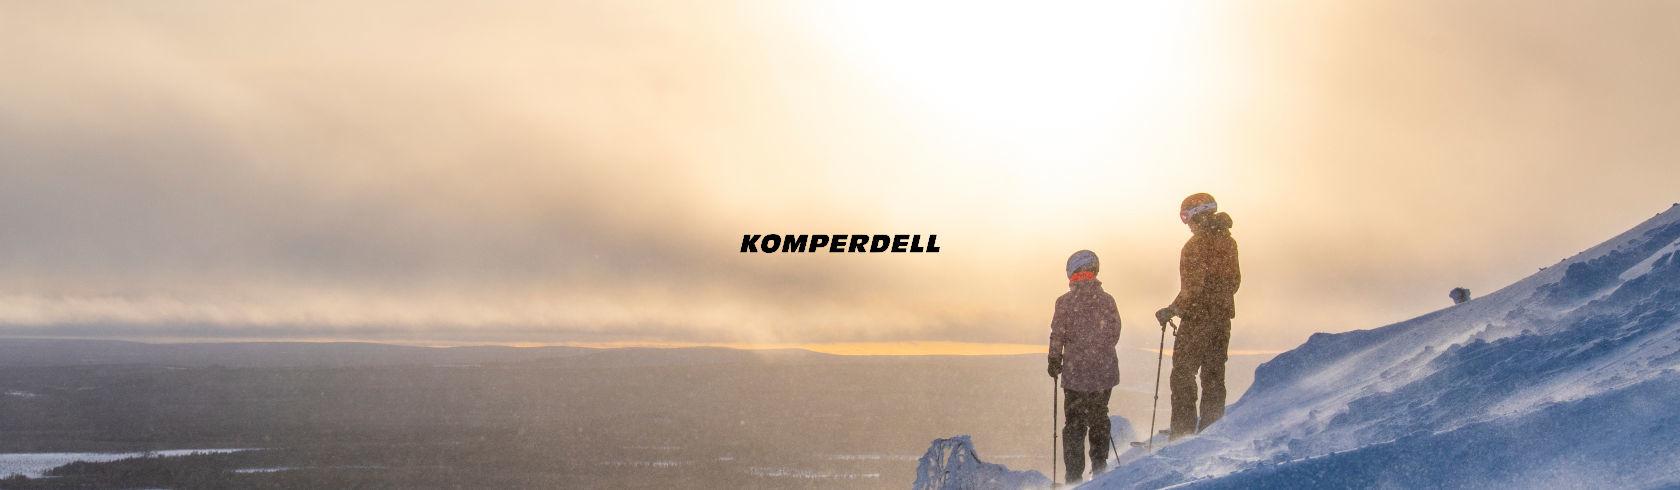 Komperdell brand logo